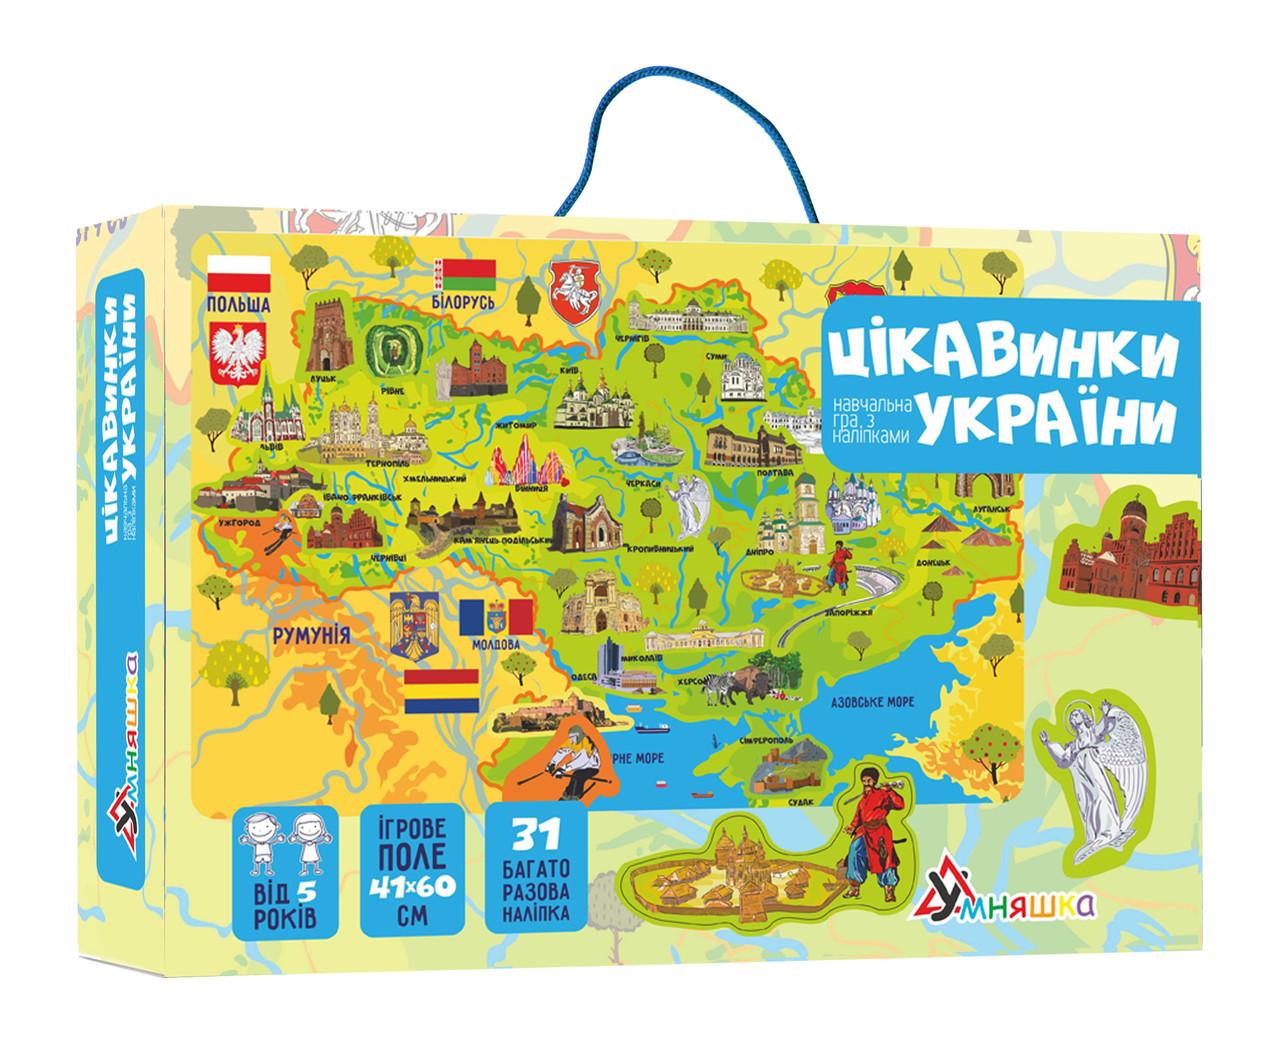 """Гра з багаторазовими наклейками """"Цікавинки України"""""""